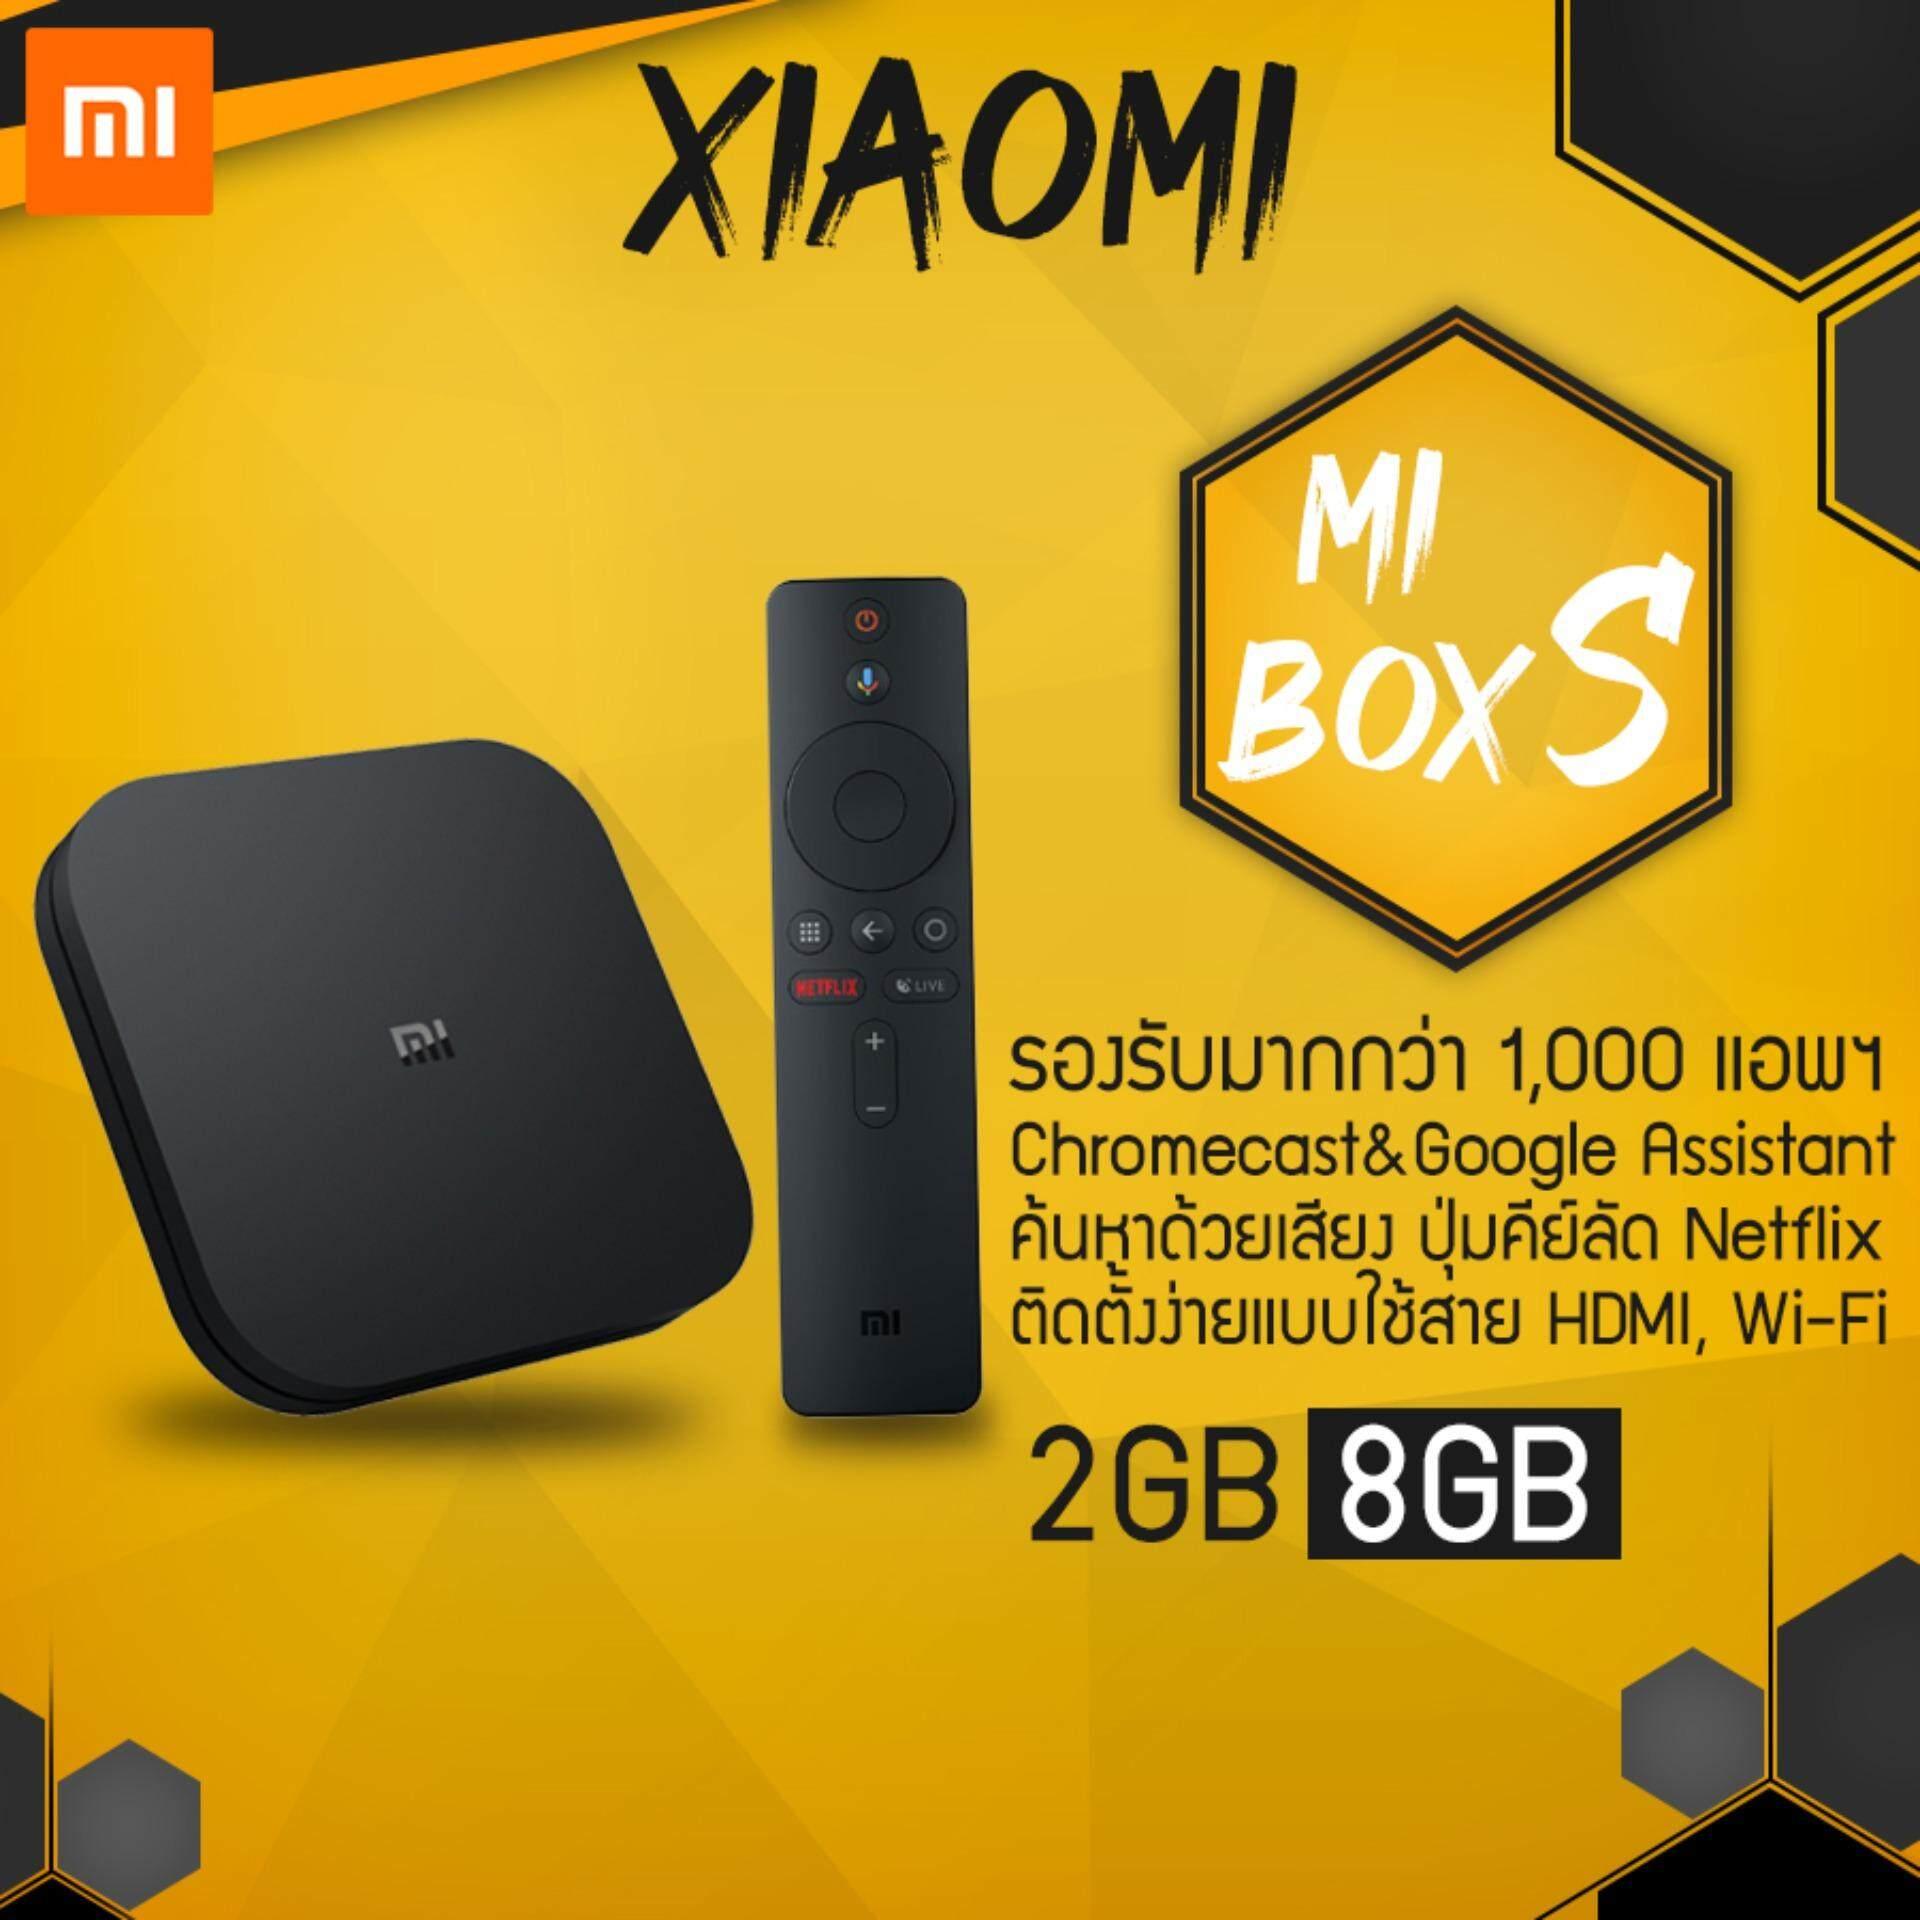 สินเชื่อบุคคลซิตี้  สุรินทร์ Global Xiaomi Mi TV Box S 4K HDR Android 8.1 Ultra HD 2G 8G WIFI Google Cast Netflix